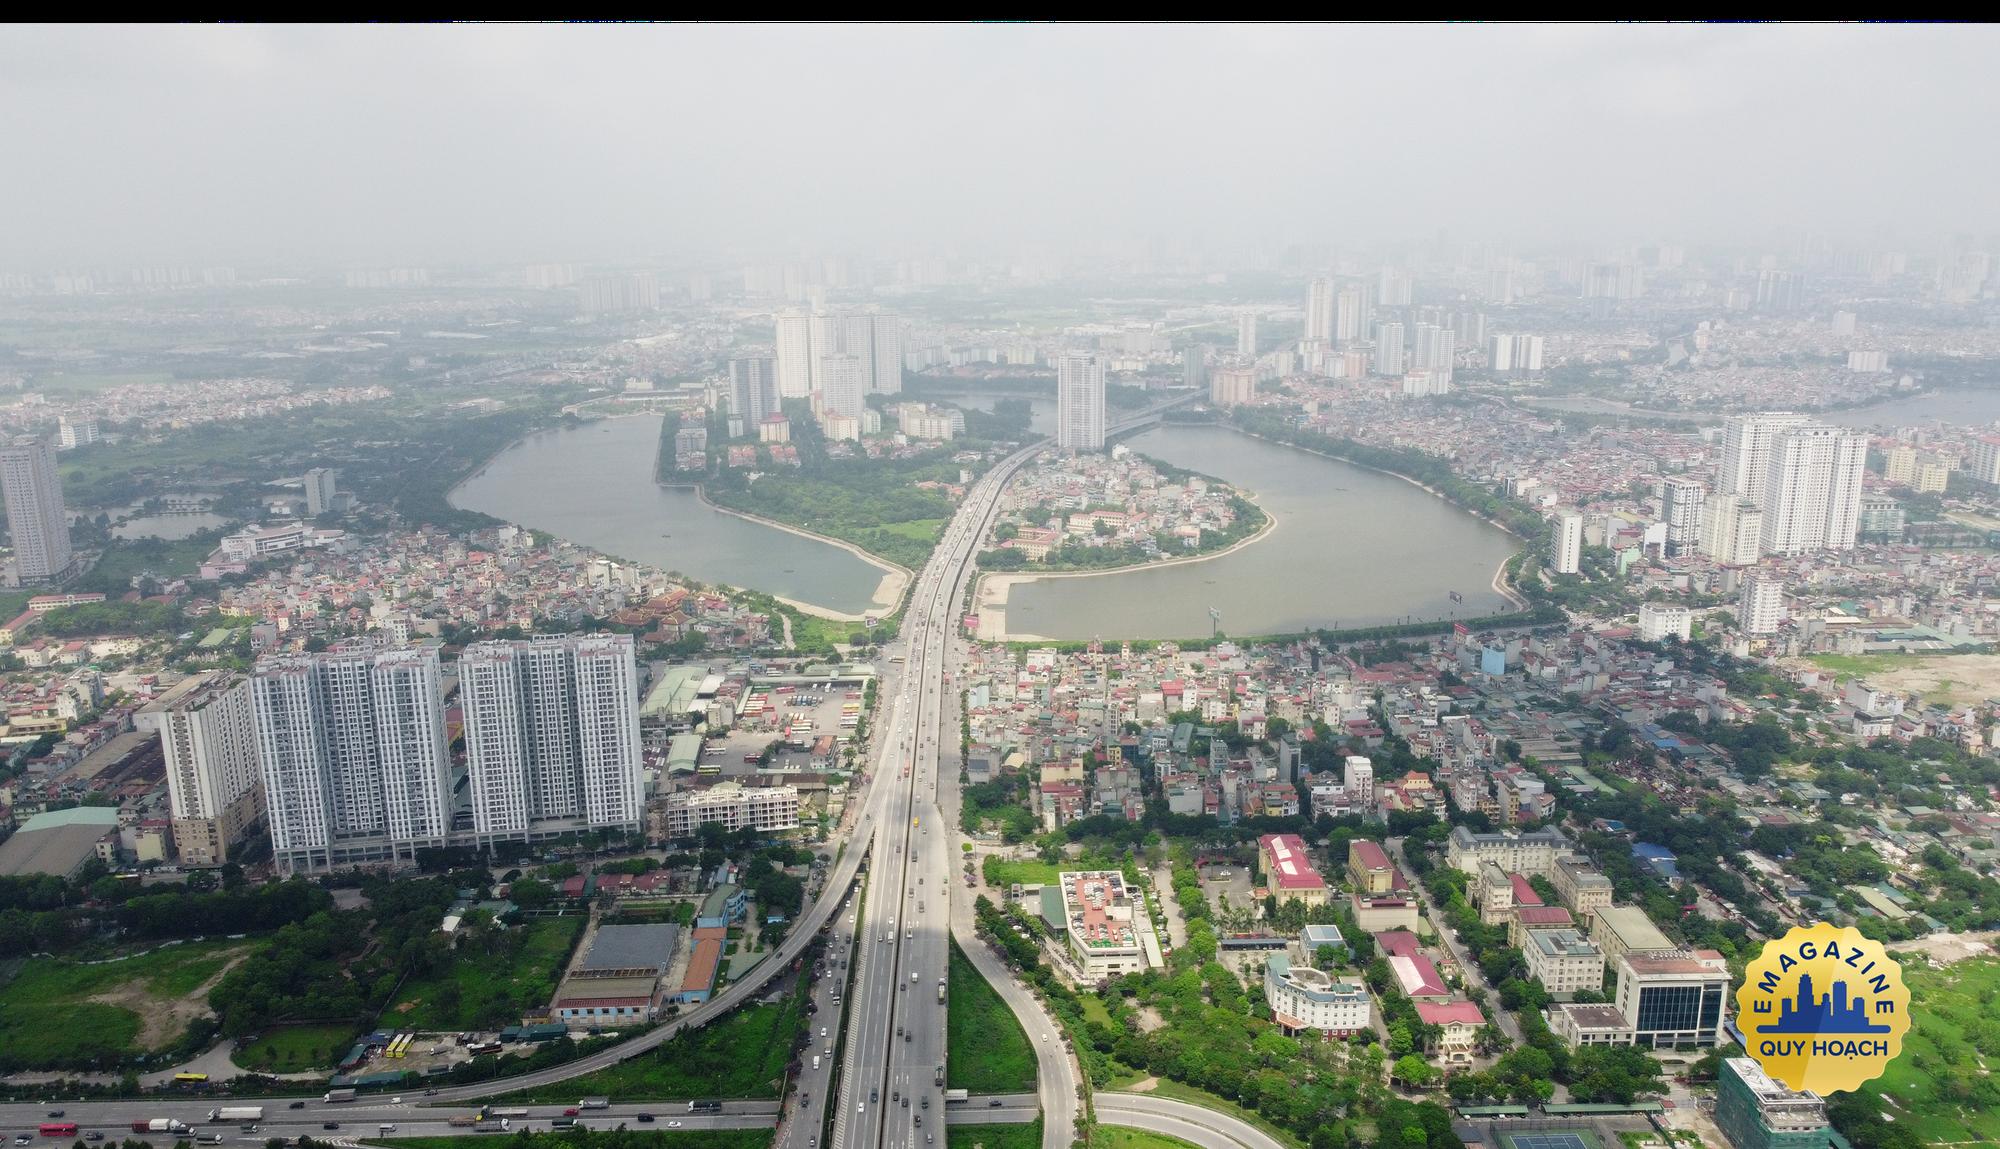 Loạt thông tin quy hoạch nên biết khi mua nhà đất tại quận Hoàng Mai, Hà Nội - Ảnh 9.